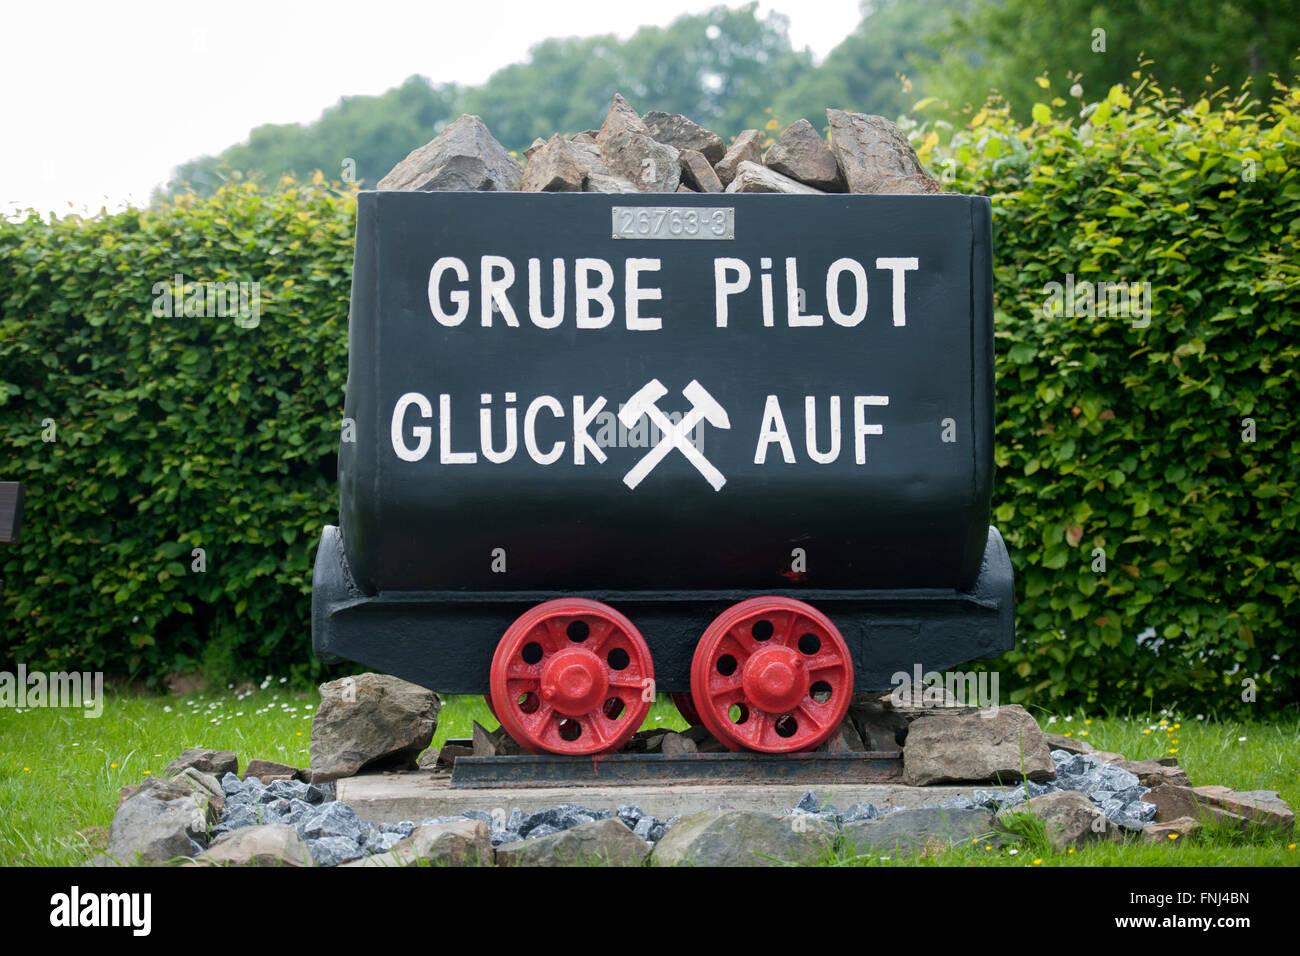 Deutschland, Rhein-Sieg-Kreis, Lohmar, Wahlscheid, Grube Pilot ist eine ehemalige Eisenerz-Grube in Lohmar-Wahlscheid - Stock Image